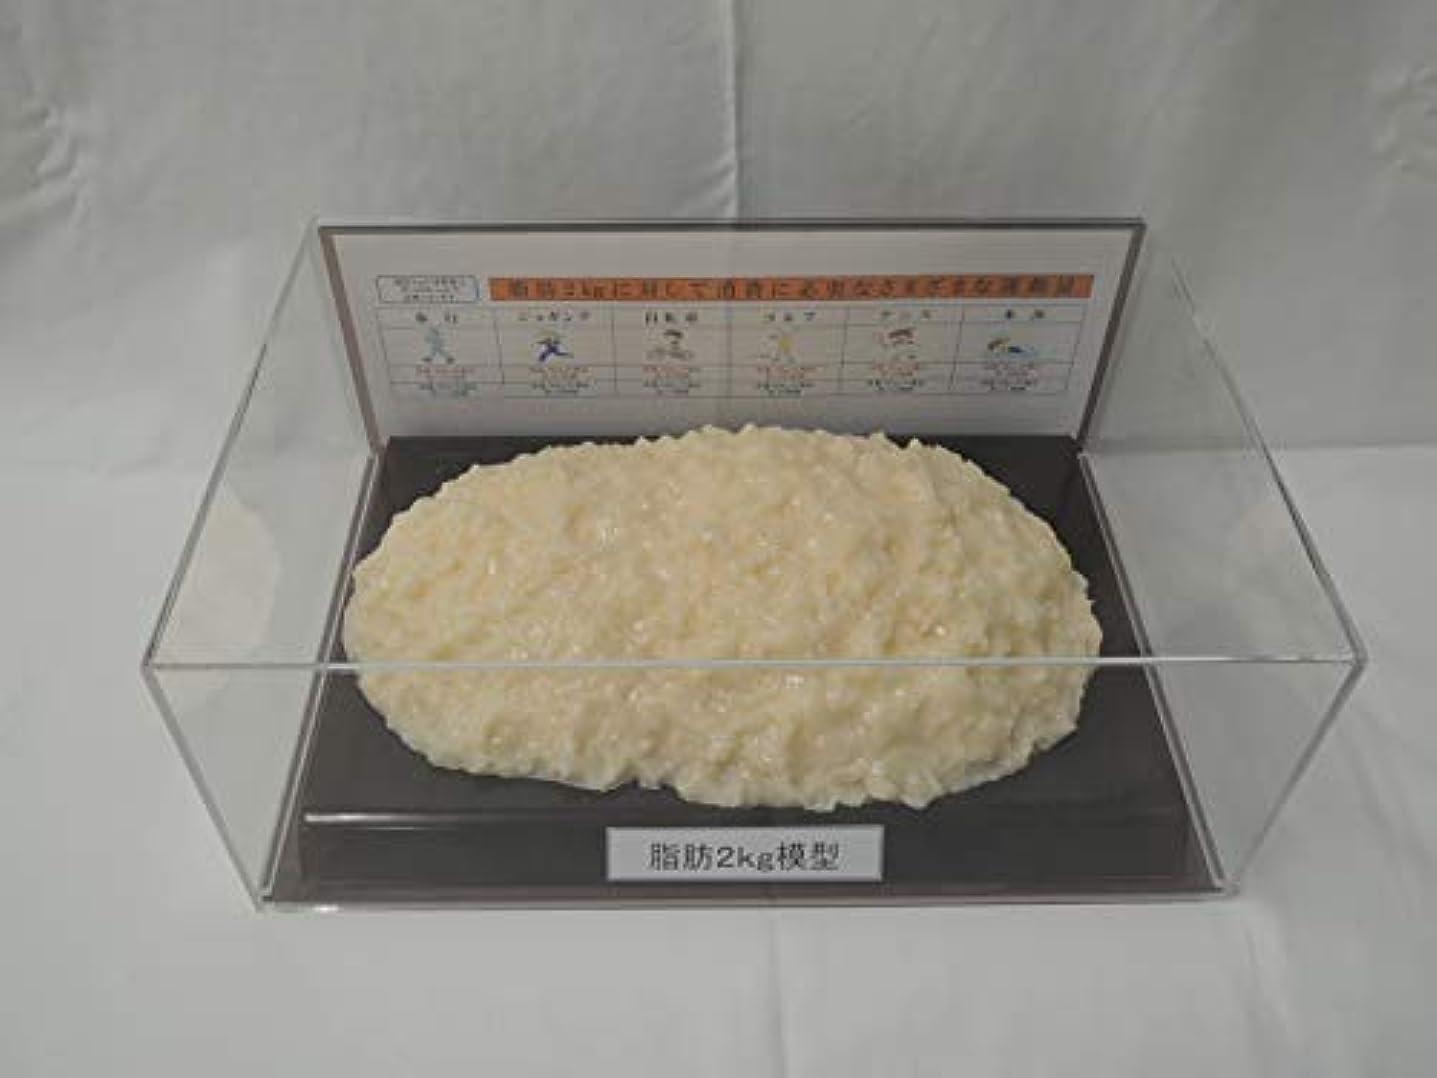 裏切り者金銭的な金銭的な脂肪模型 フィギアケース入 2kg ダイエット 健康 肥満 トレーニング フードモデル 食品サンプル